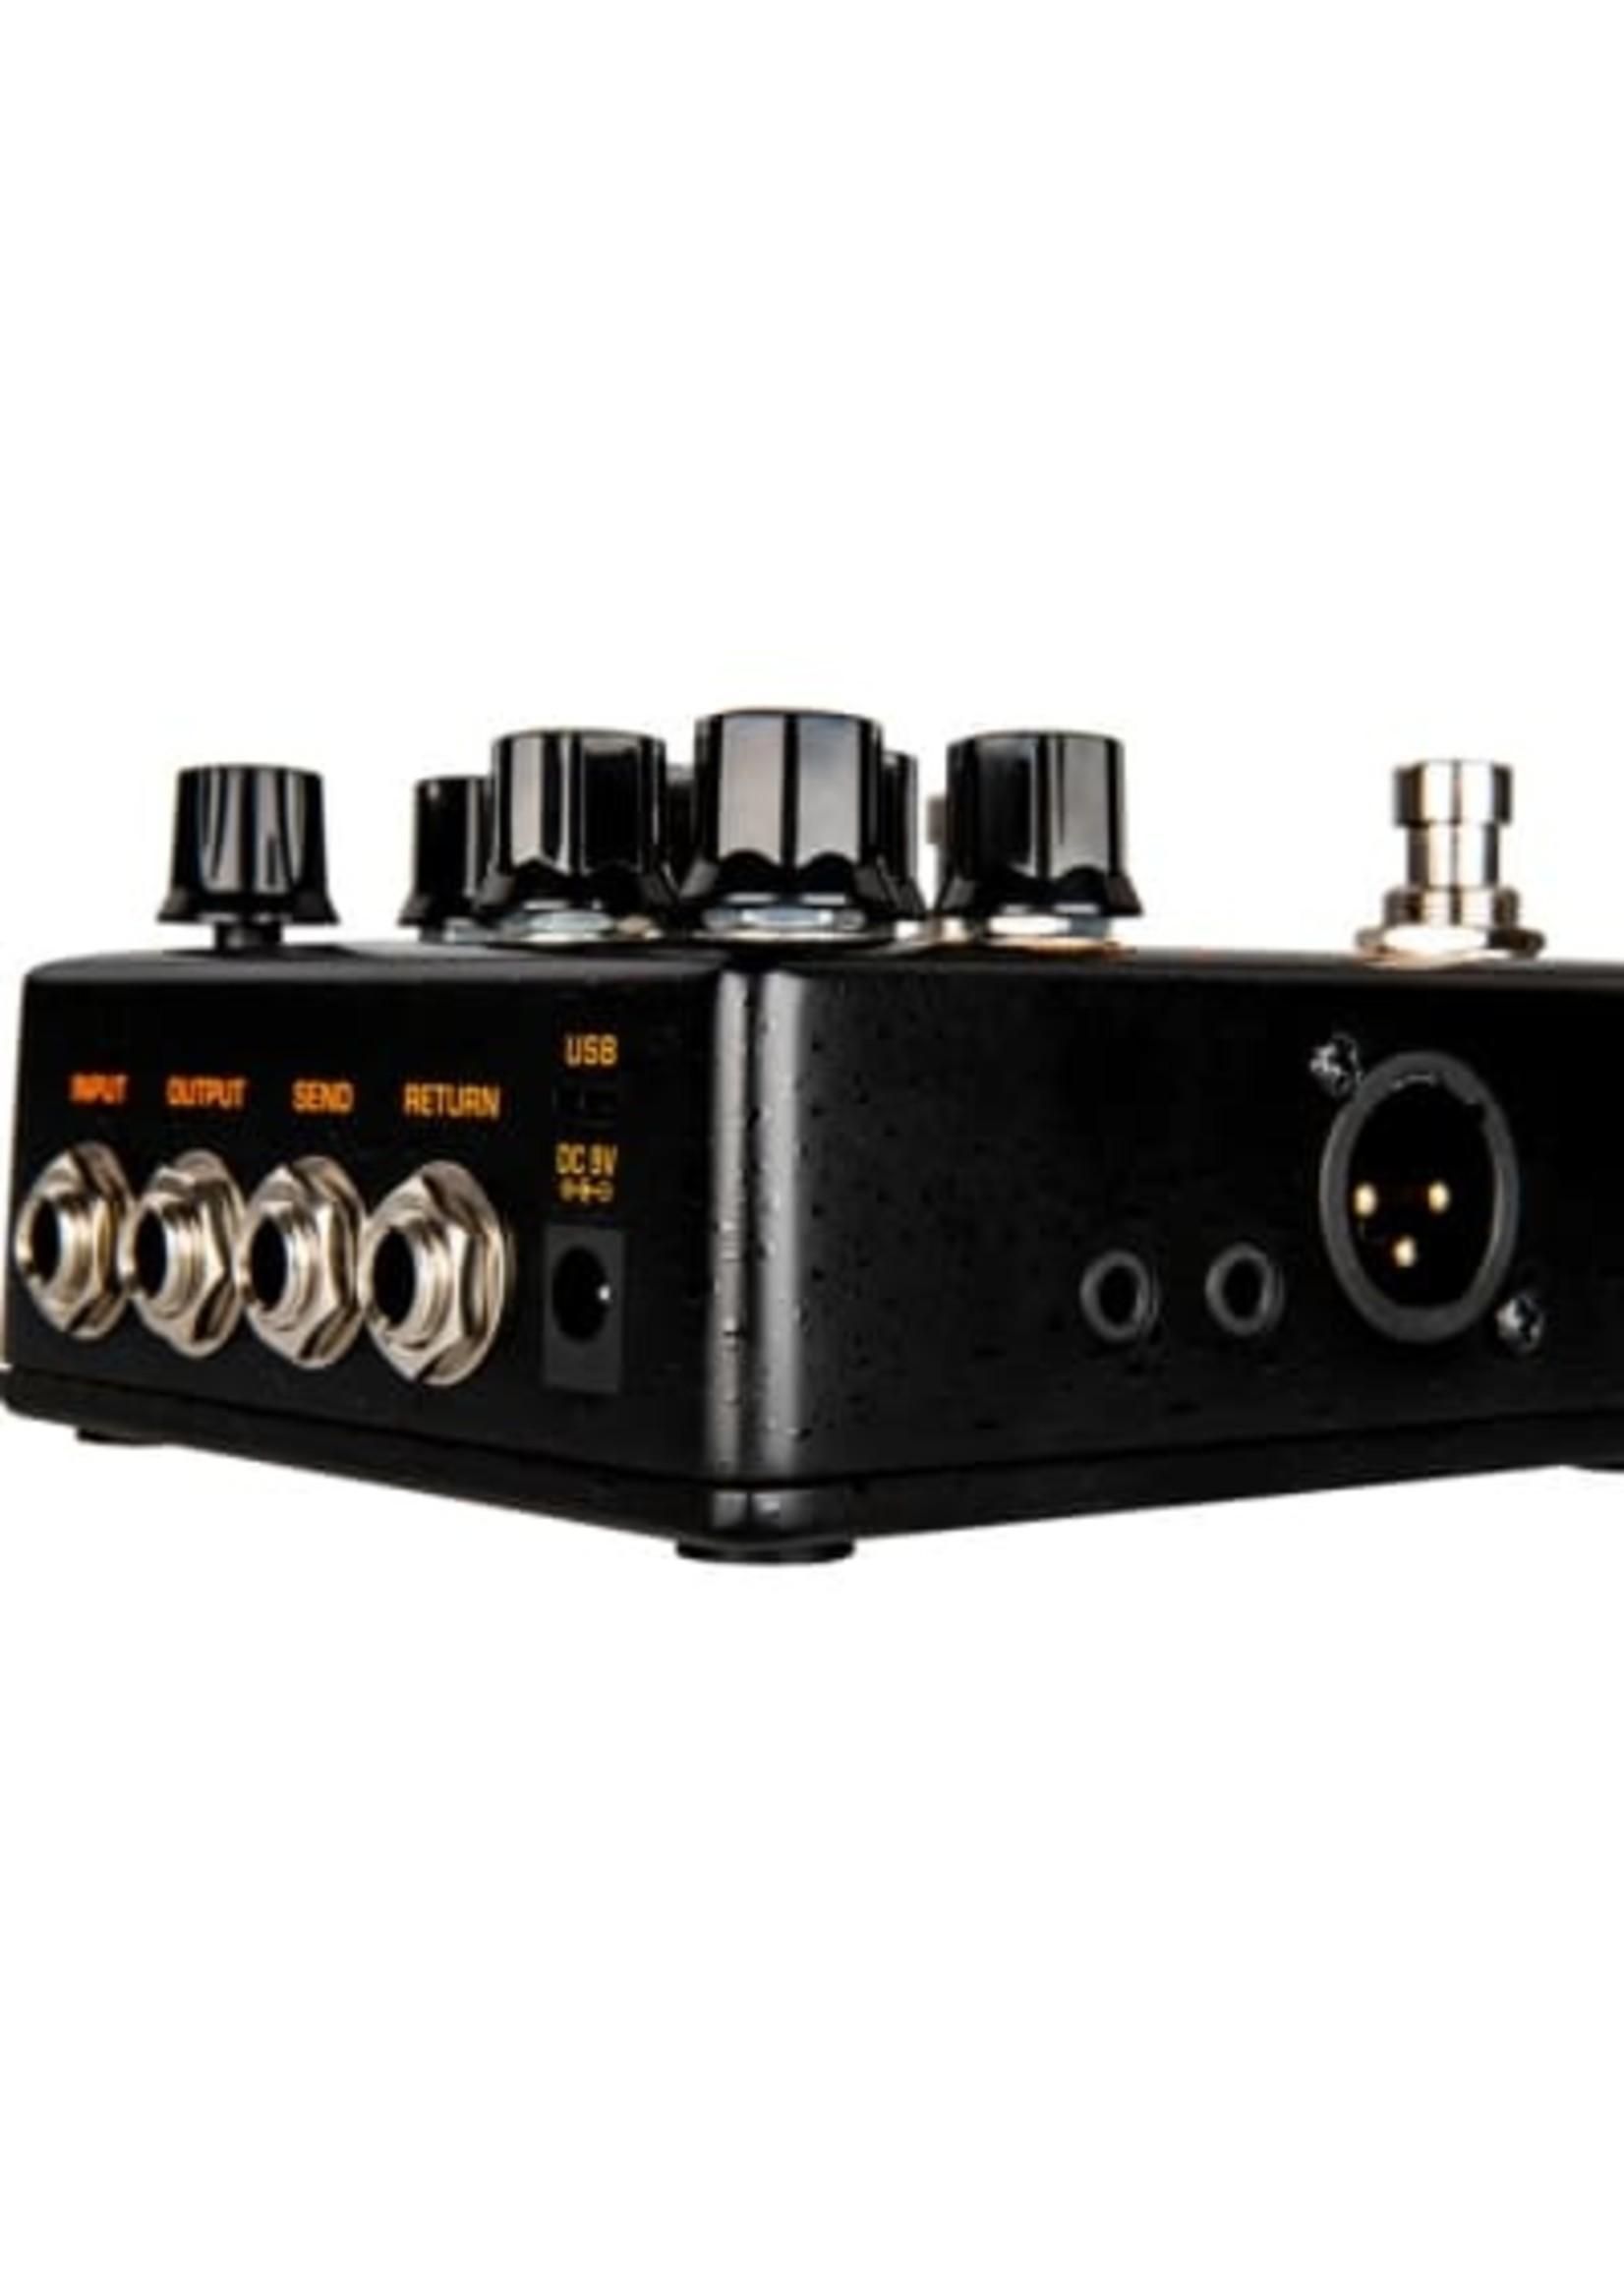 NuX NuX Optima Air Acoustic Simulator and IR Loader